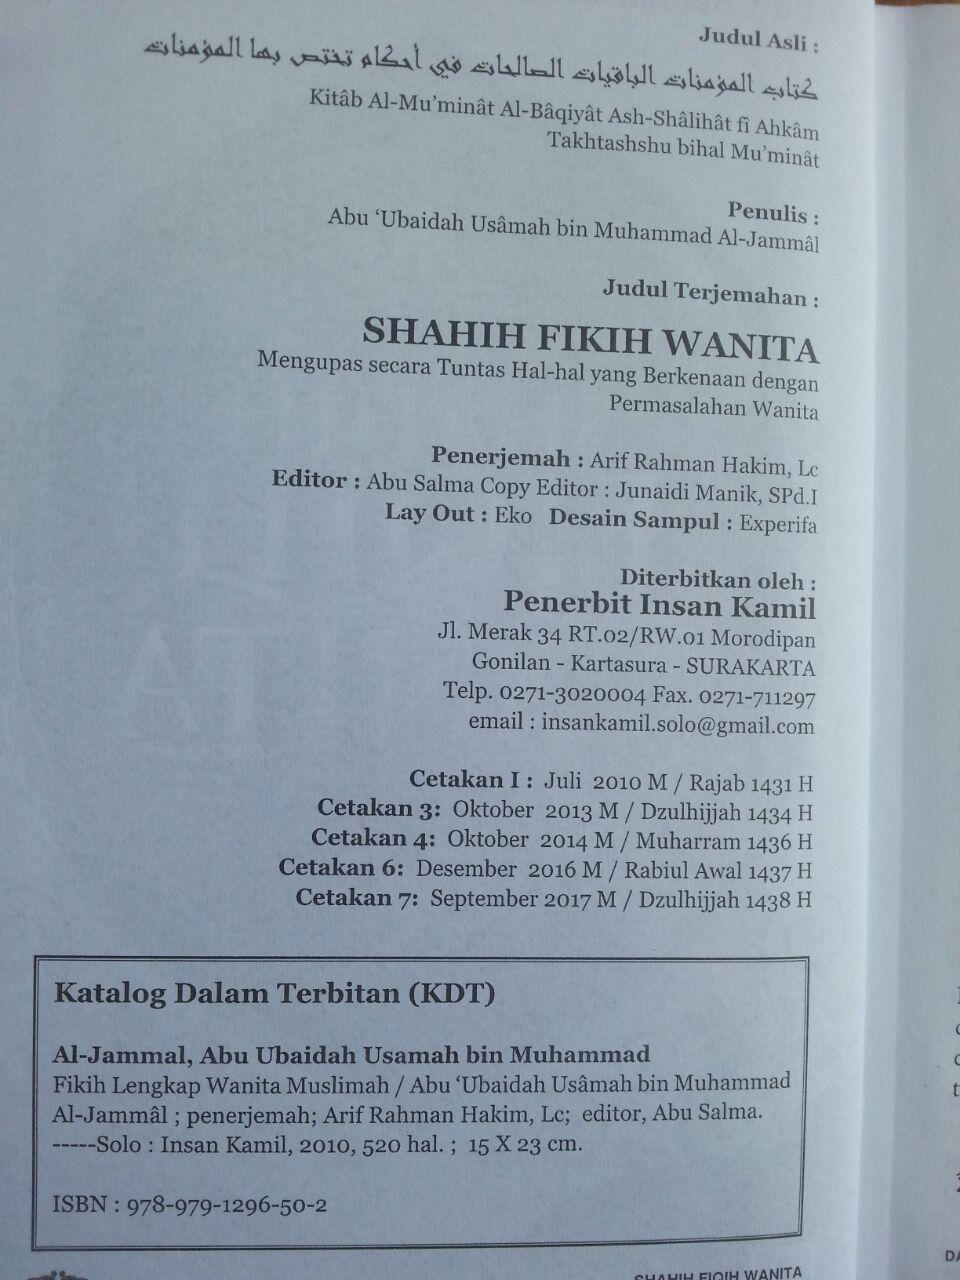 Buku Shahih Fiqih Wanita Syaikh Abu Ubaidah Usamah isi